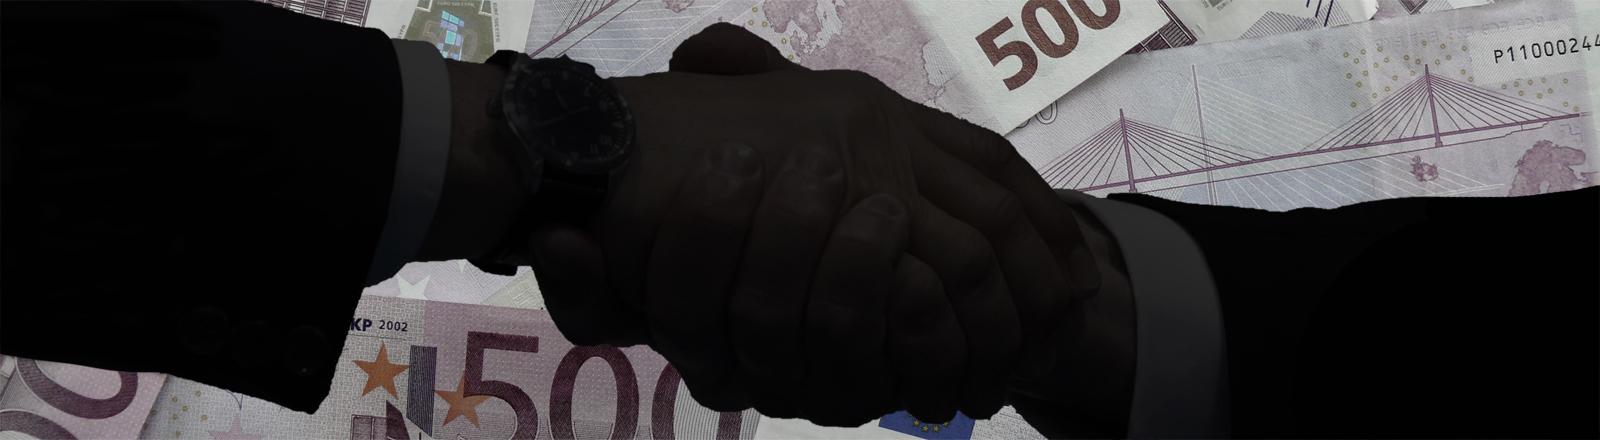 Handschlag vor 500-Euro-Scheinen